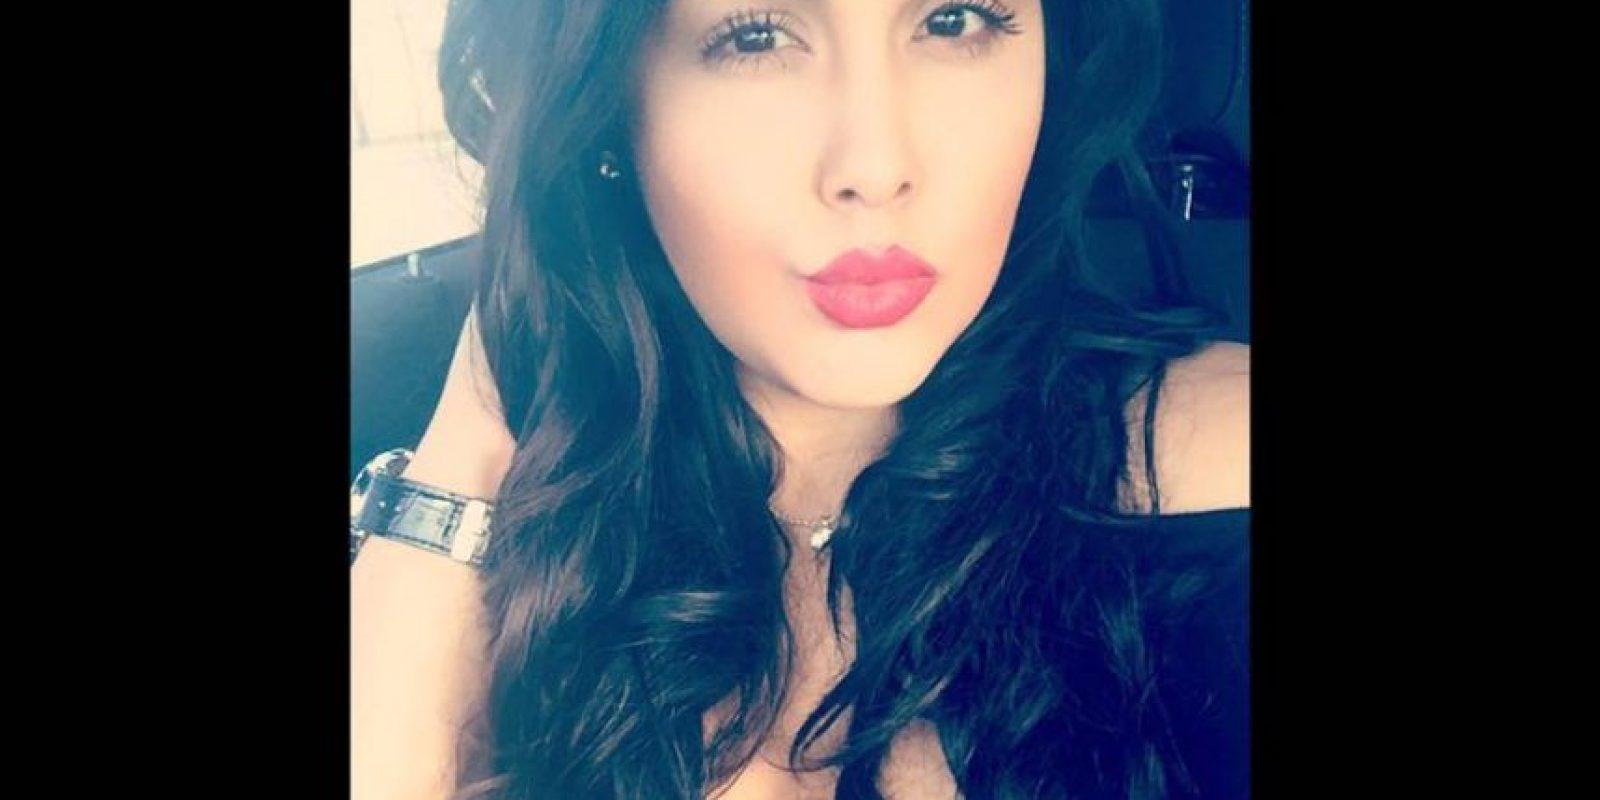 Su relación comenzó en septiembre de 2015 Foto:Facebook: Alexandría Vera